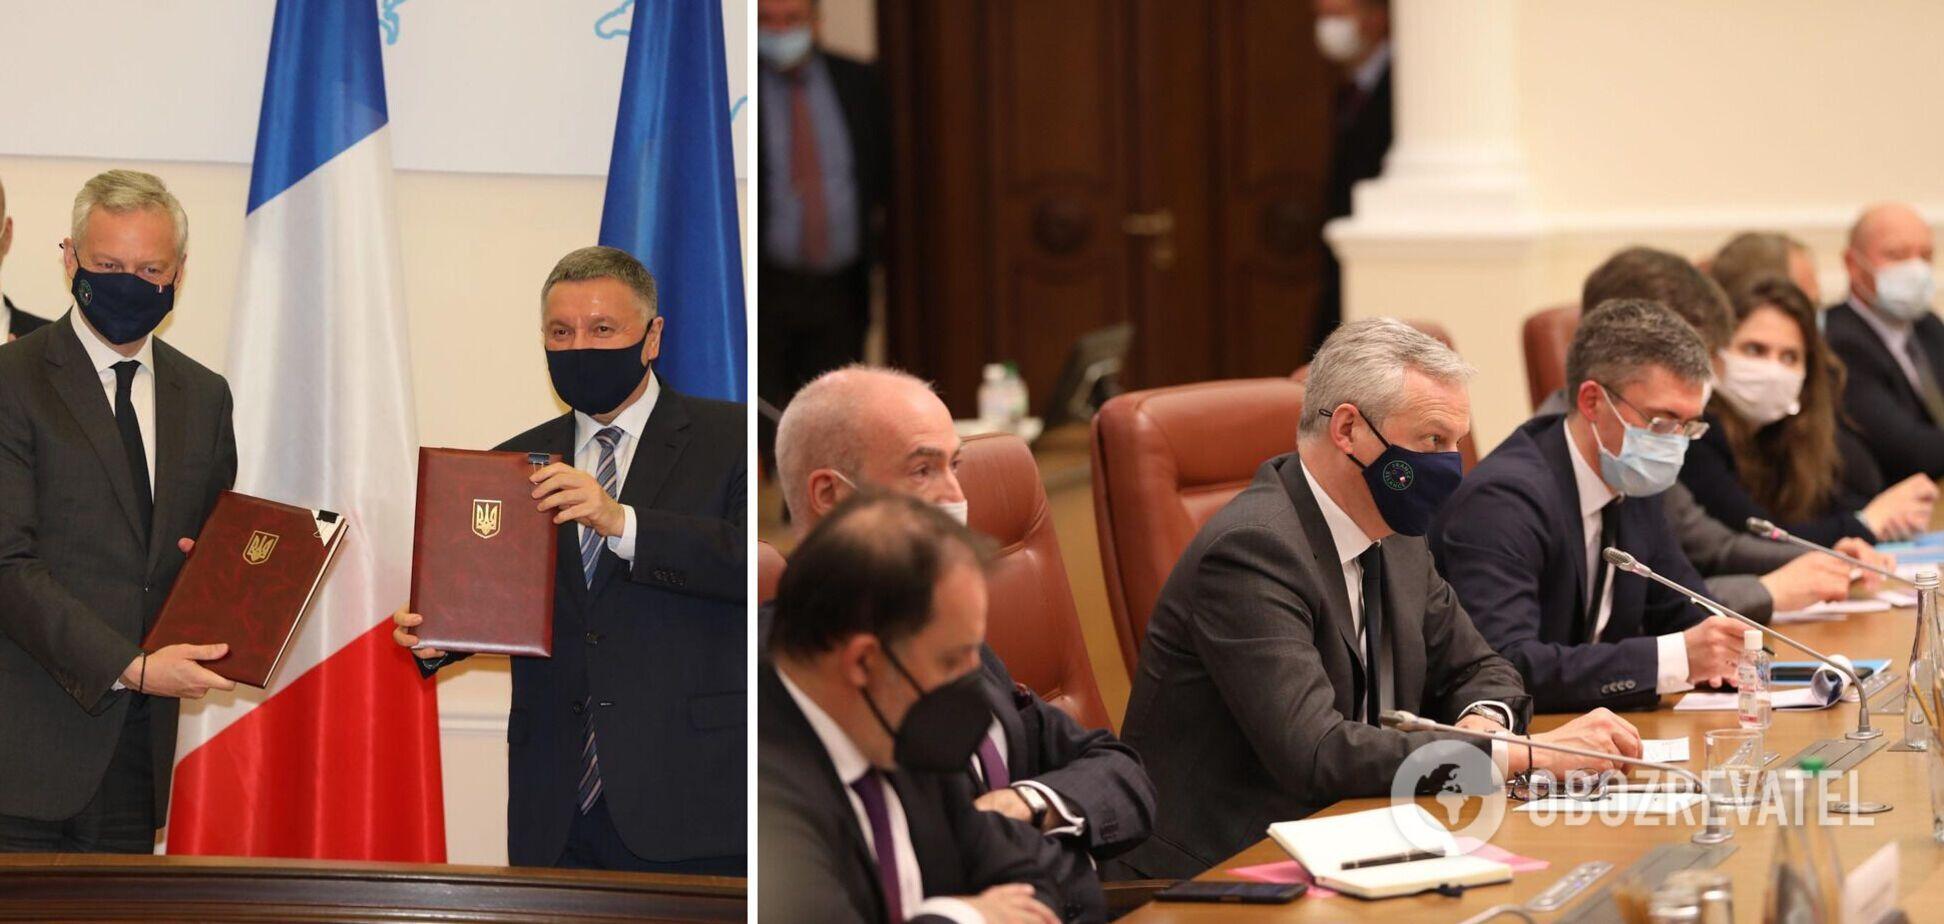 Украина и Франция подписали четыре соглашения на более €1,3 млрд: у Авакова рассказали подробности